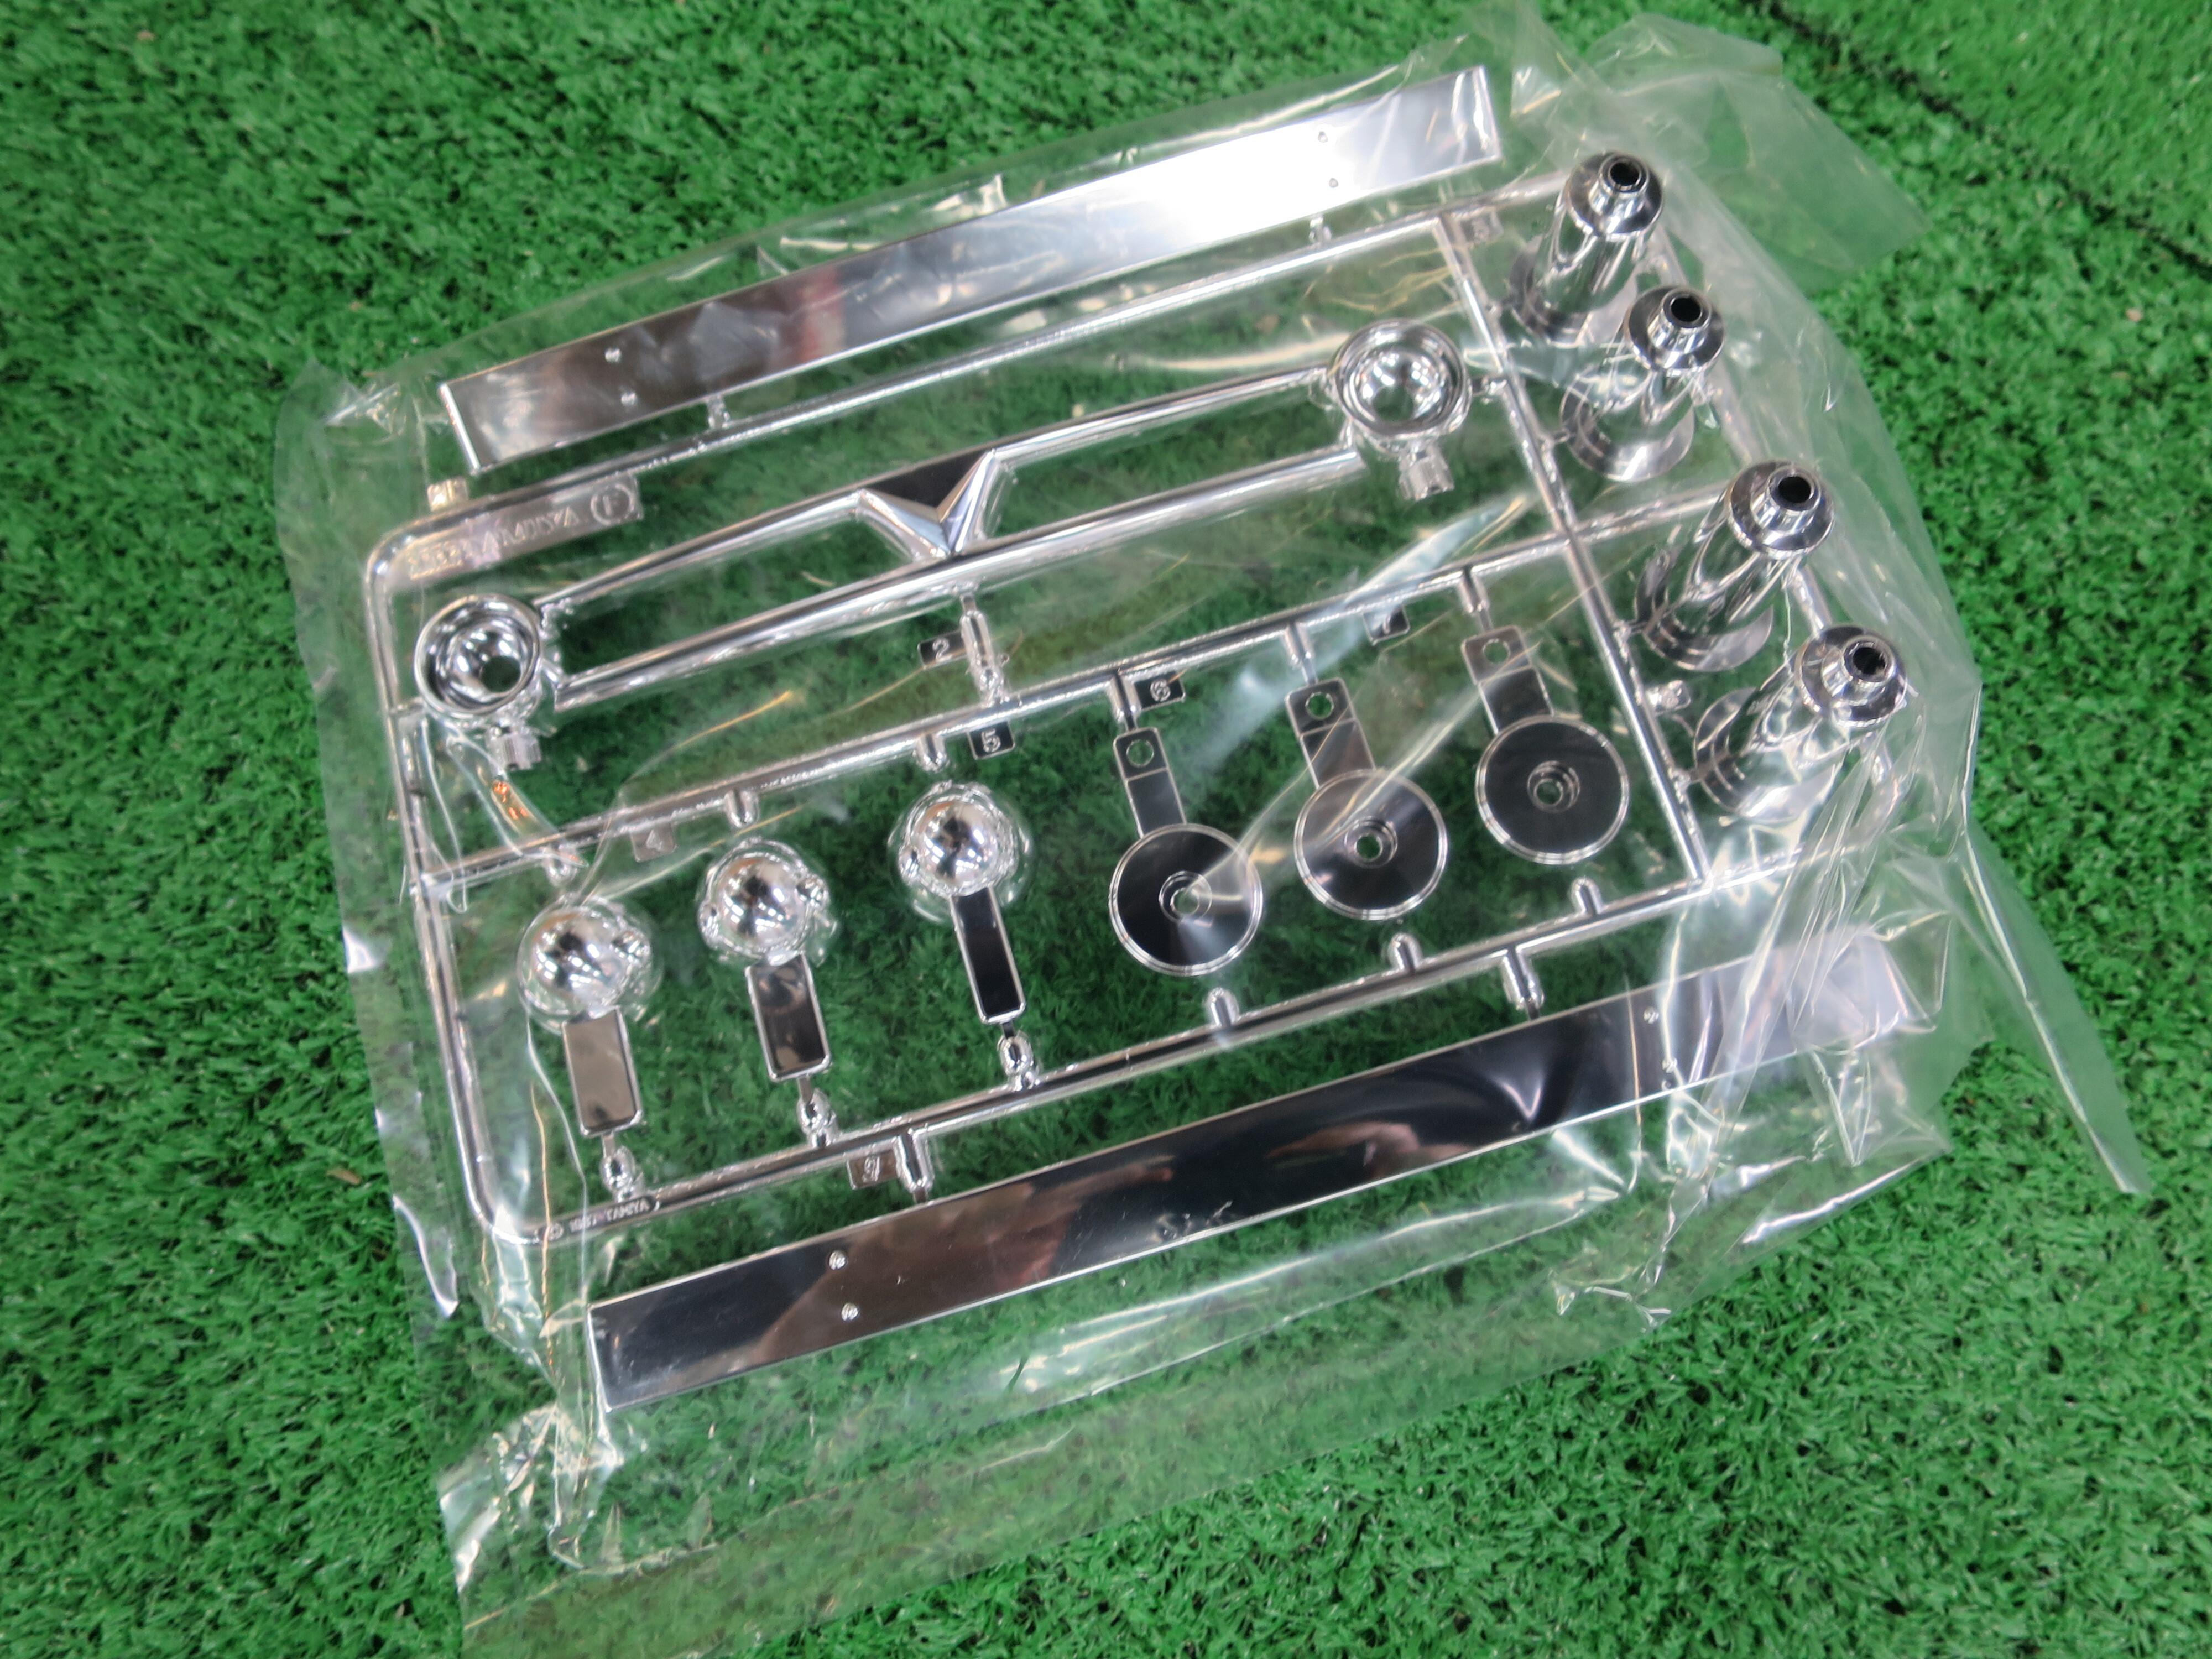 タミヤアフターパーツ ミッドナイトパンプキン Fパーツ メタリックSP用 19005797